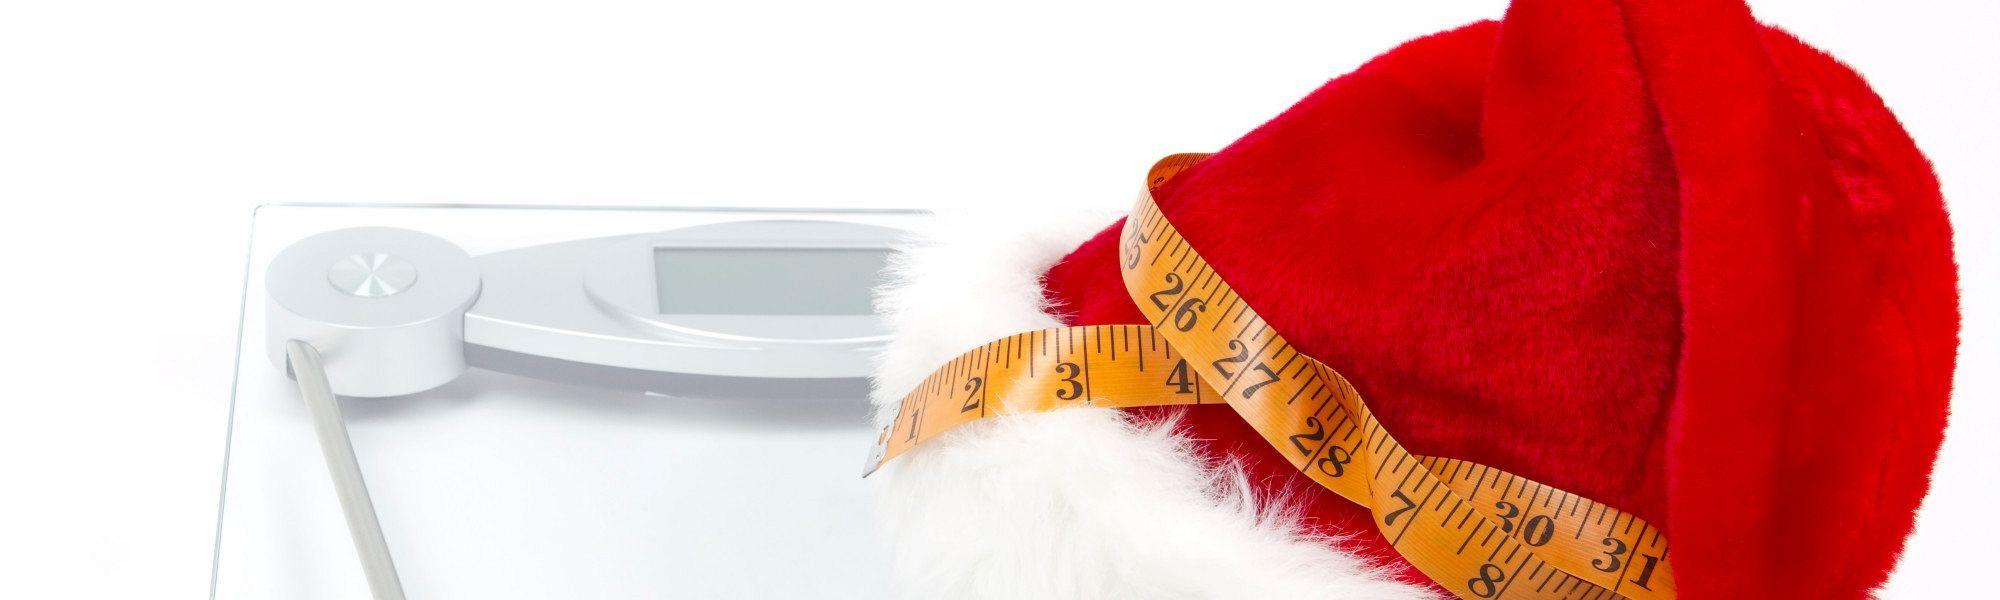 La navidad lleva tradicionalmente muchos malos amigos asociados, excesos, alcohol, demasiadas cenas de compromiso… todo ello lleva a una situación de descontrol a la que tenemos que poner fin nada más pasadas las fiestas.